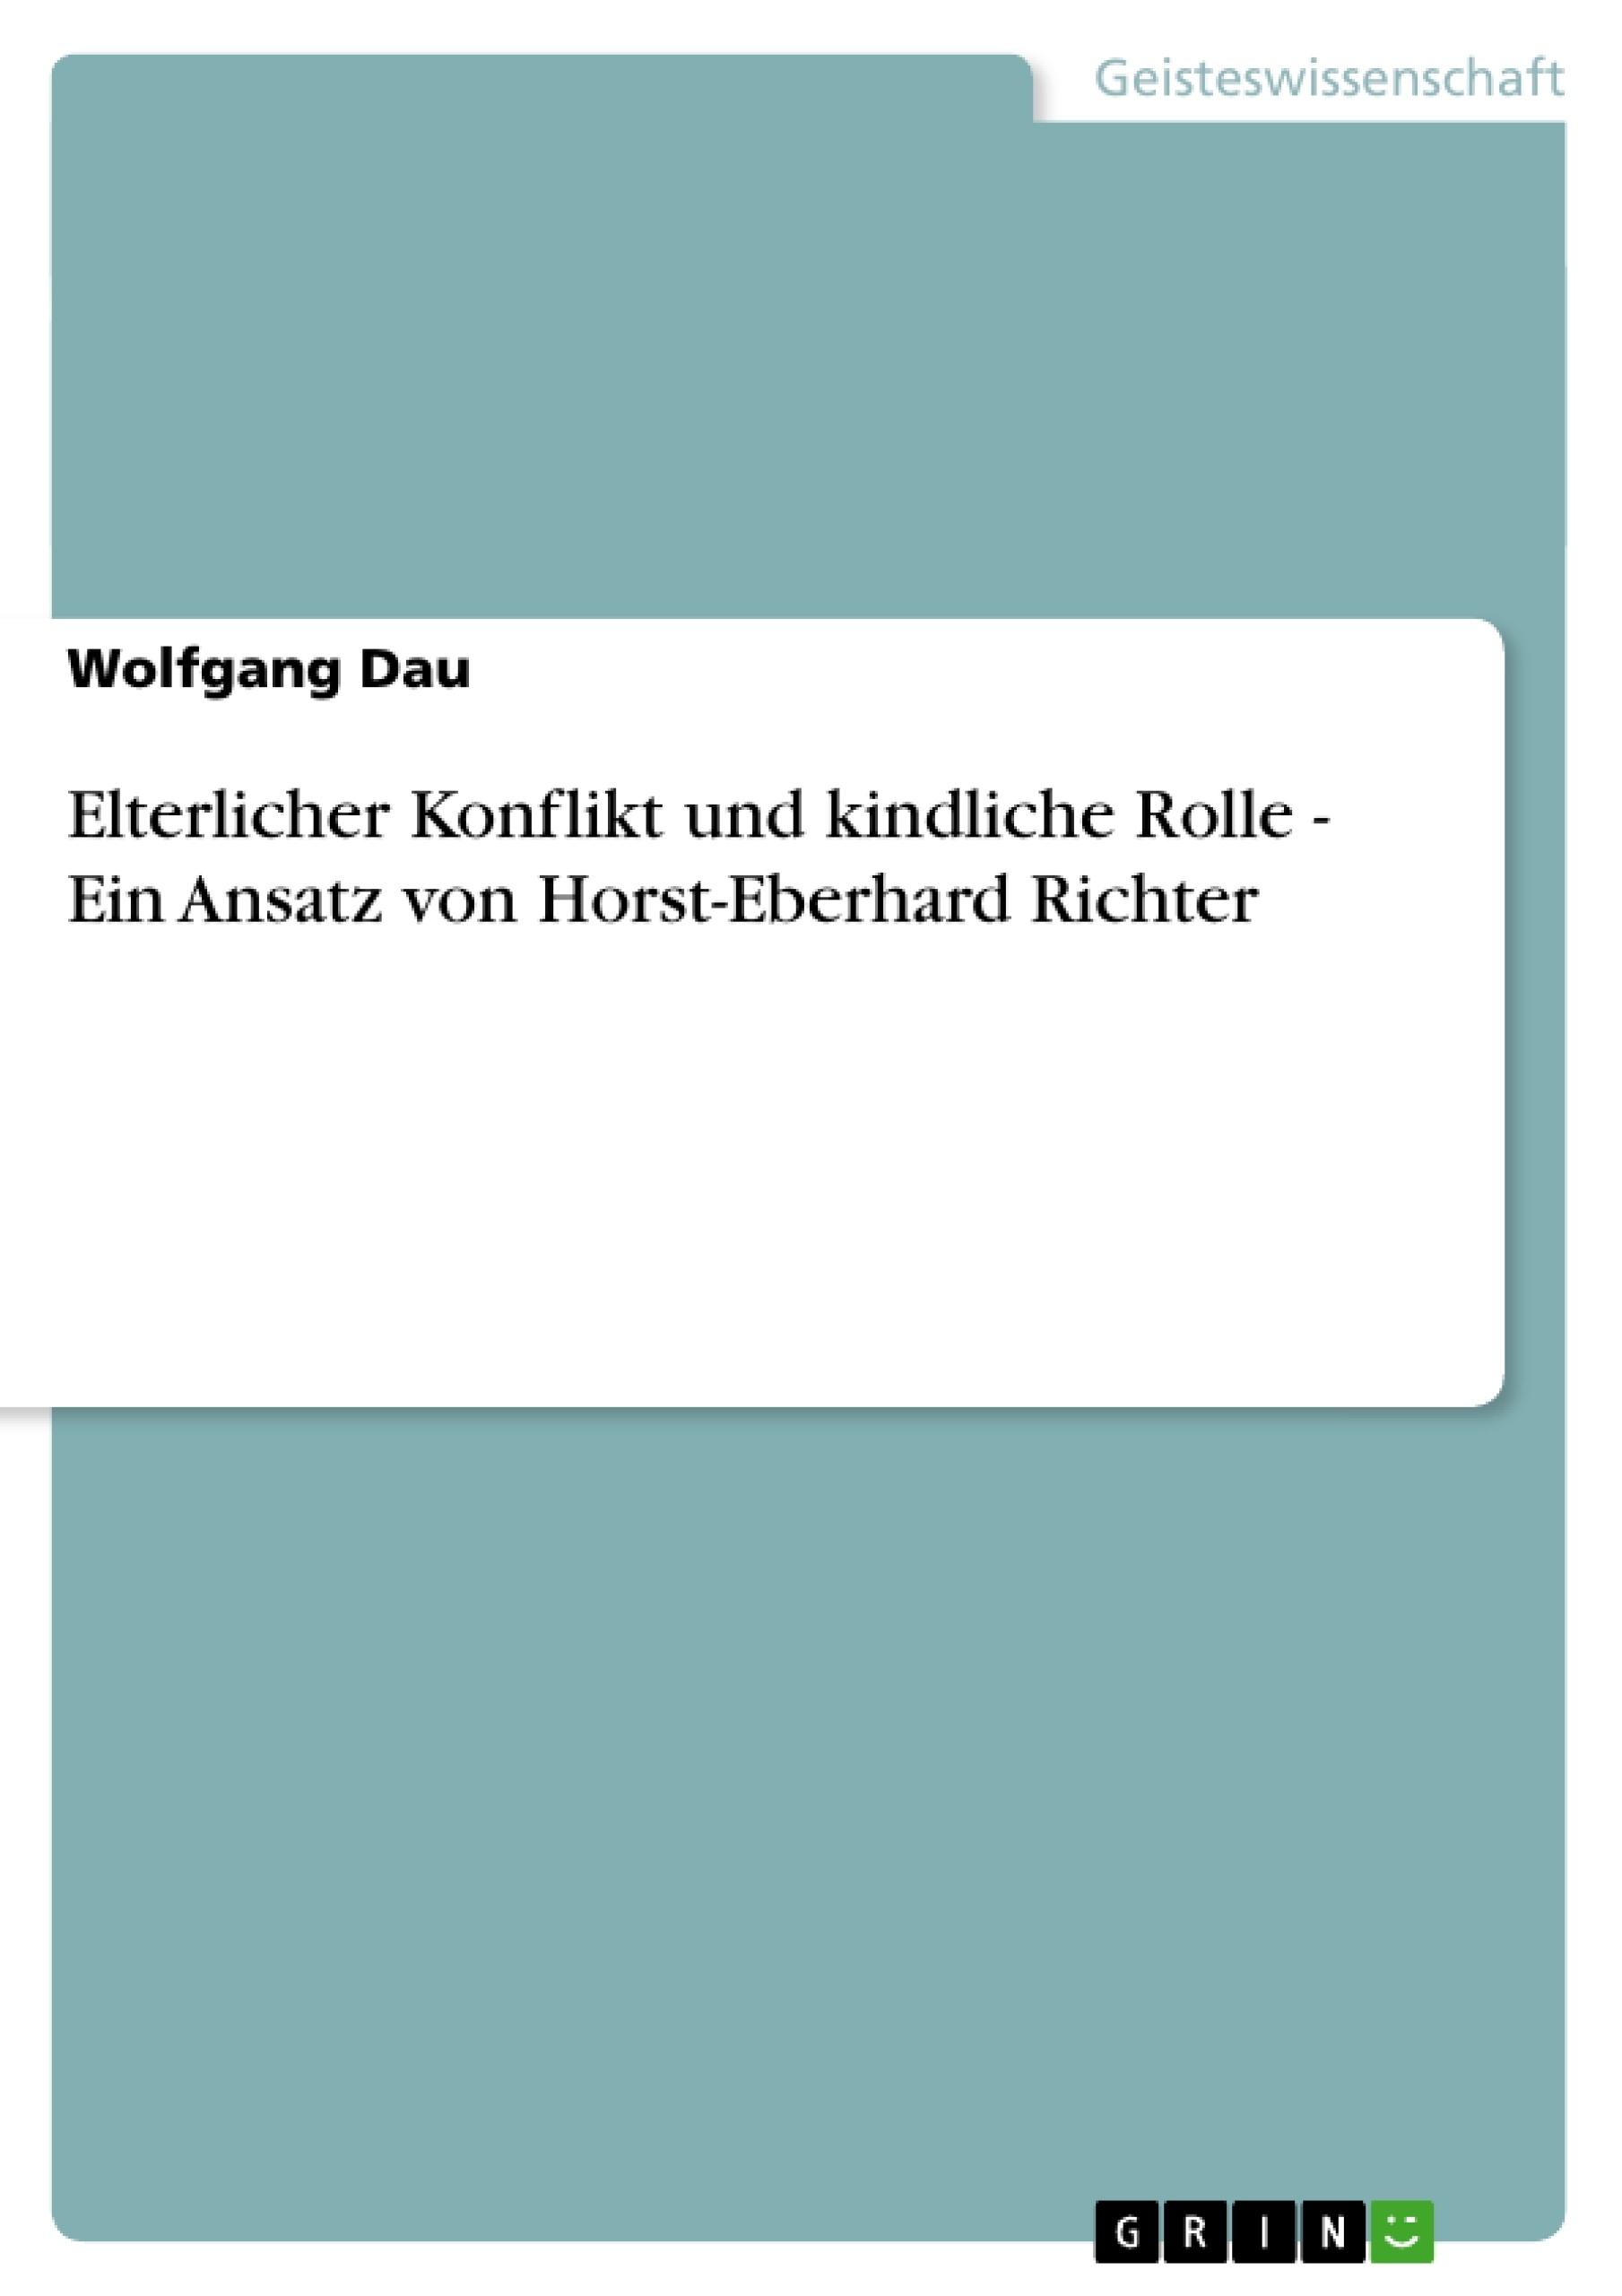 Titel: Elterlicher Konflikt und kindliche Rolle - Ein Ansatz von Horst-Eberhard Richter